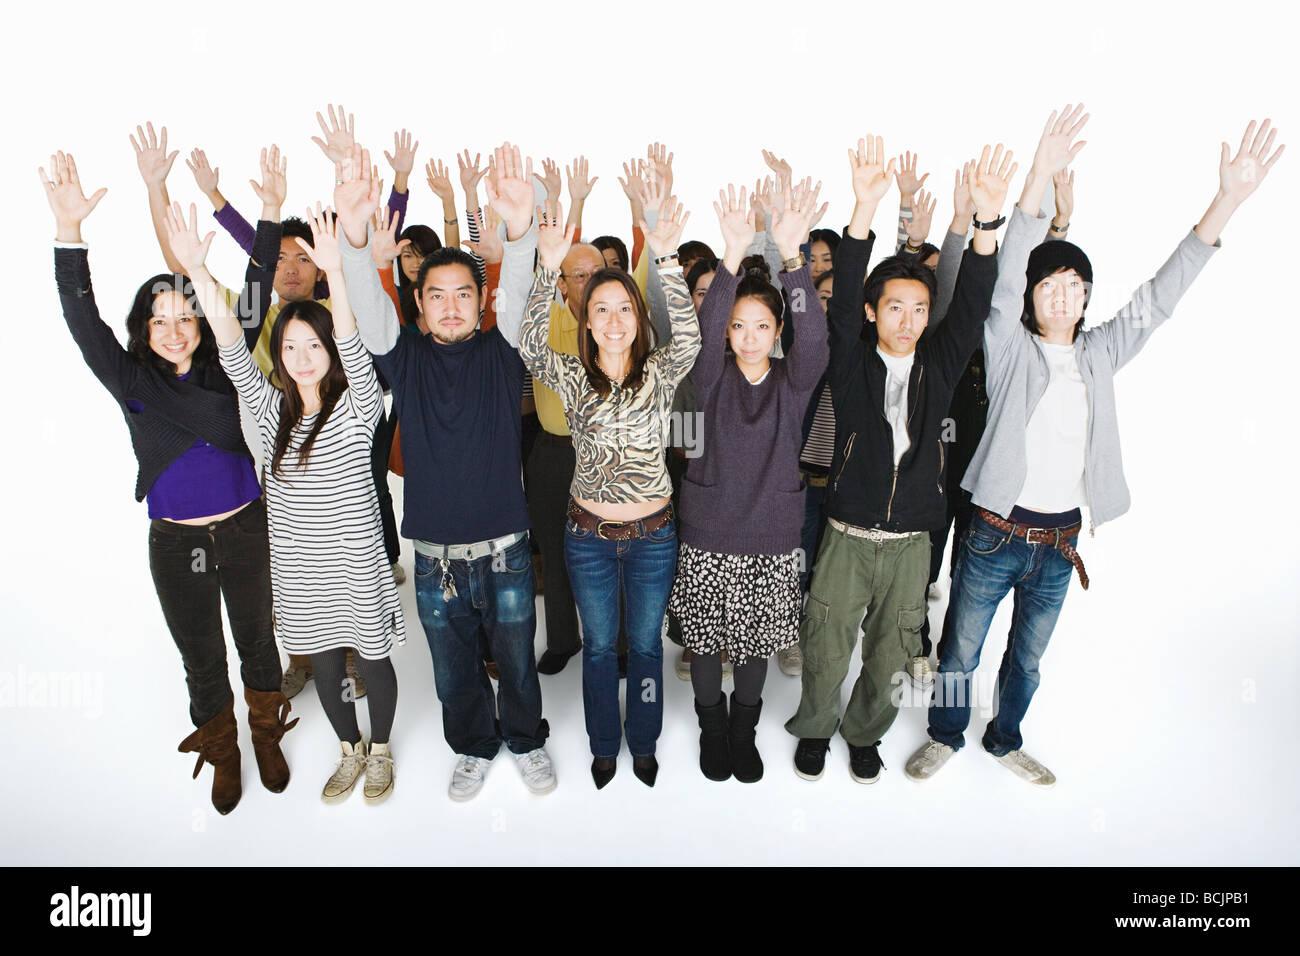 La gente con los brazos levantados Foto de stock